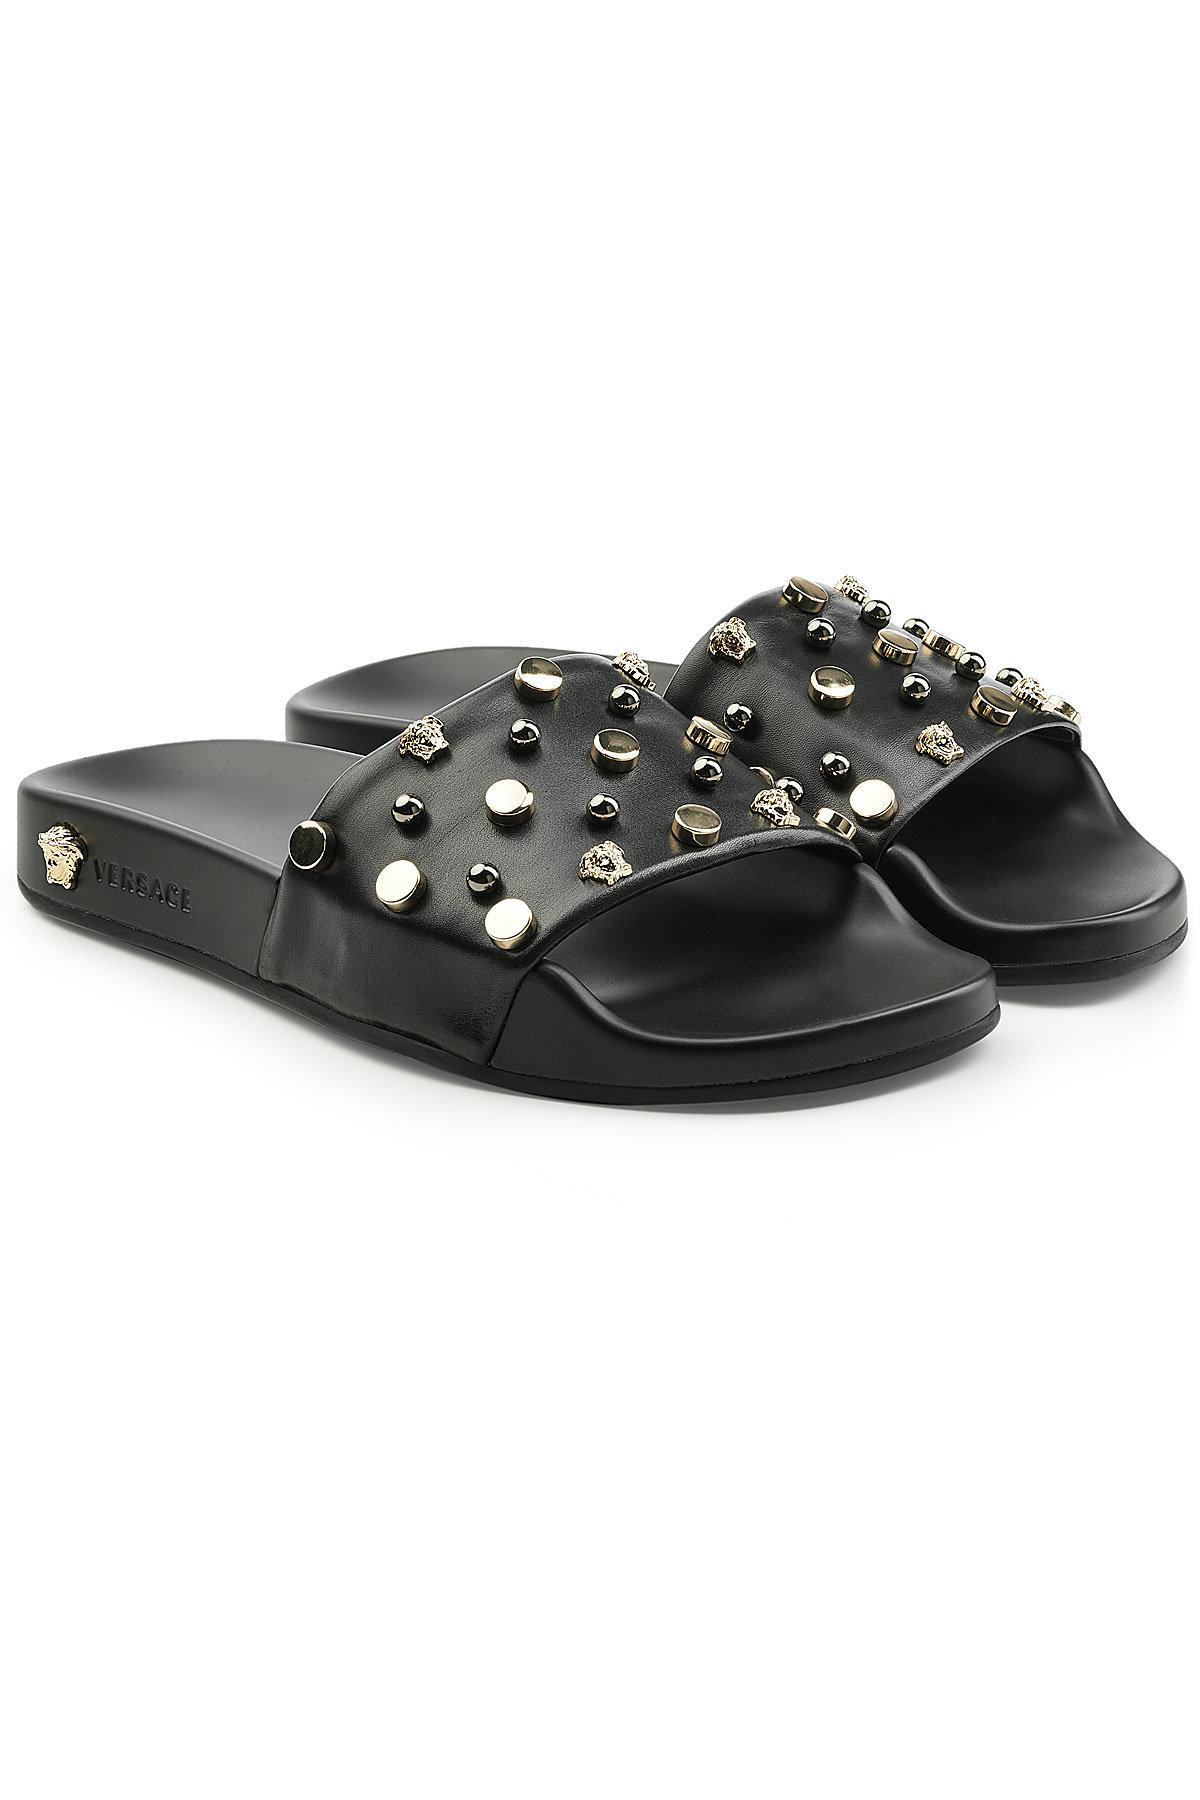 Versace Embellished Leather Slides In Black Lyst